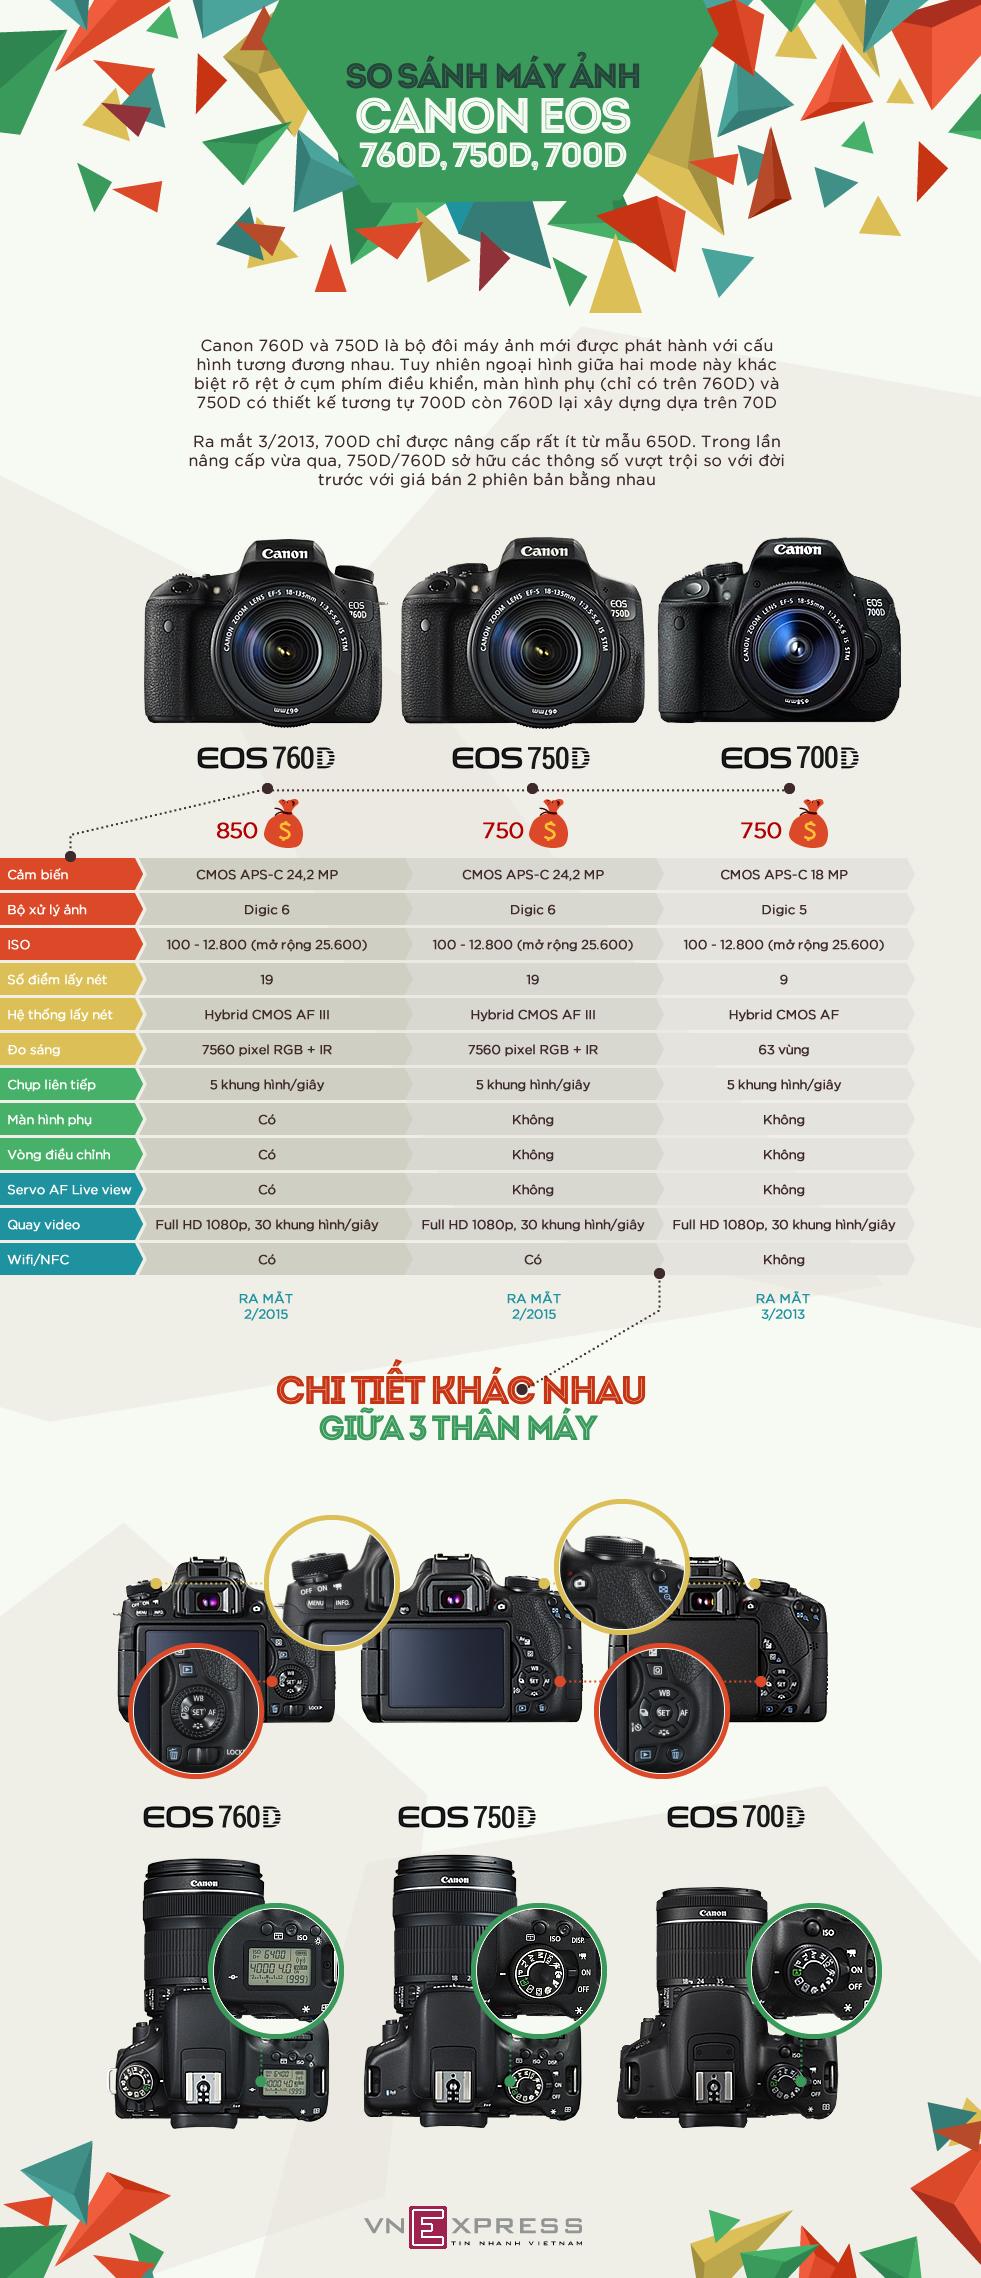 So sánh Canon EOS 760D, 750D và bản tiền nhiệm 700D